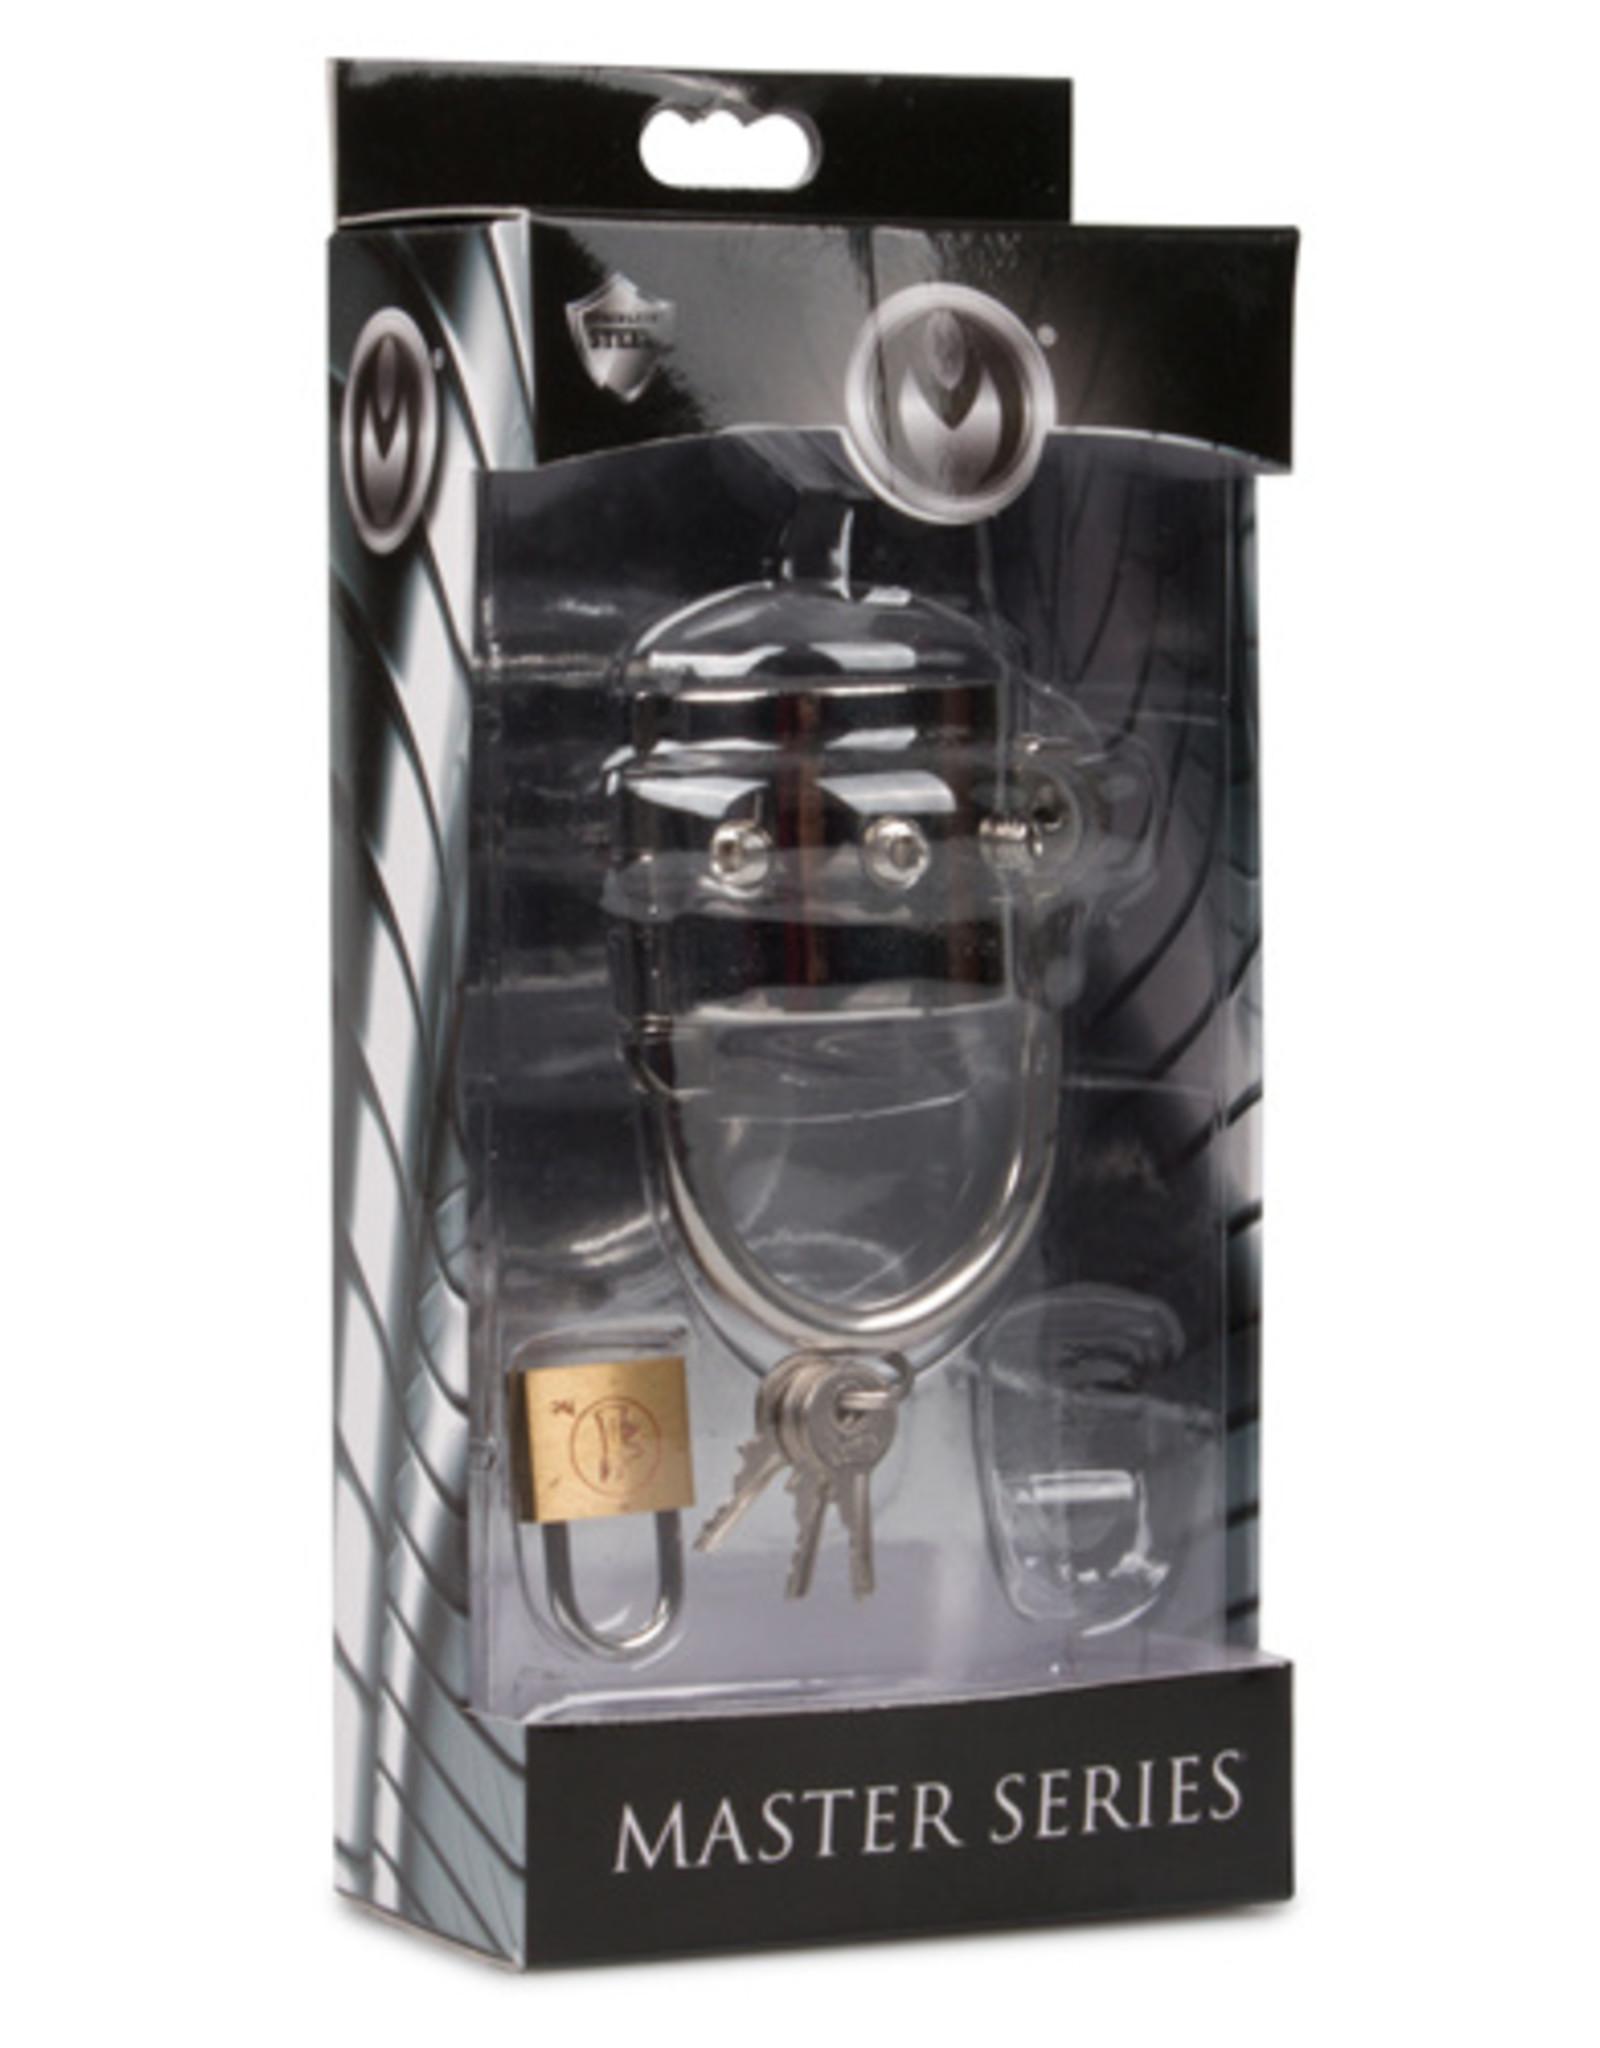 Master Series CBT puntige ballstretcher met ballsplitter